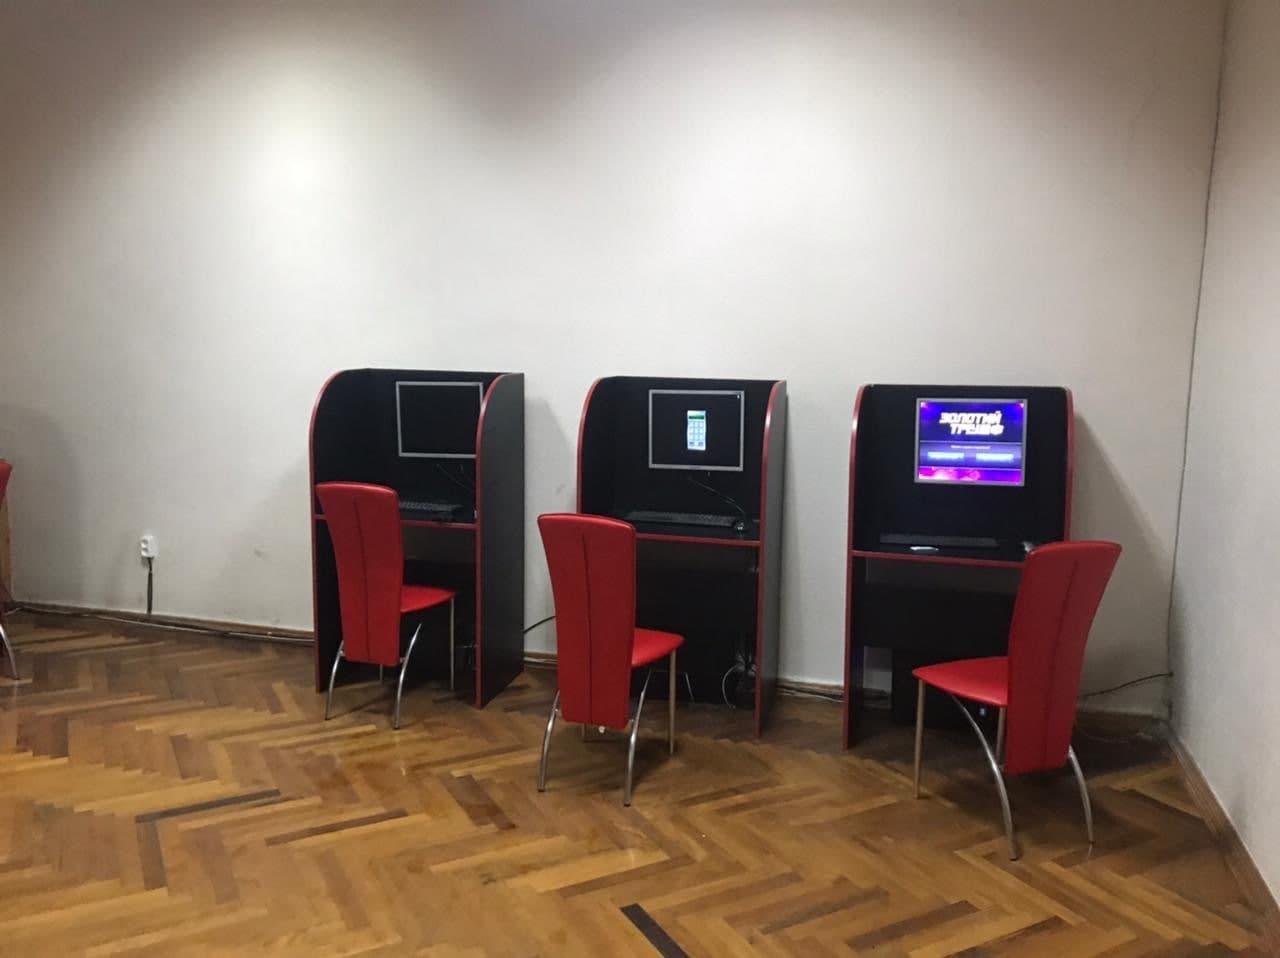 У Баришівці в господарському приміщенні розмістили казино - прокуратура Київської області, казино - photo 2021 02 10 14 47 17